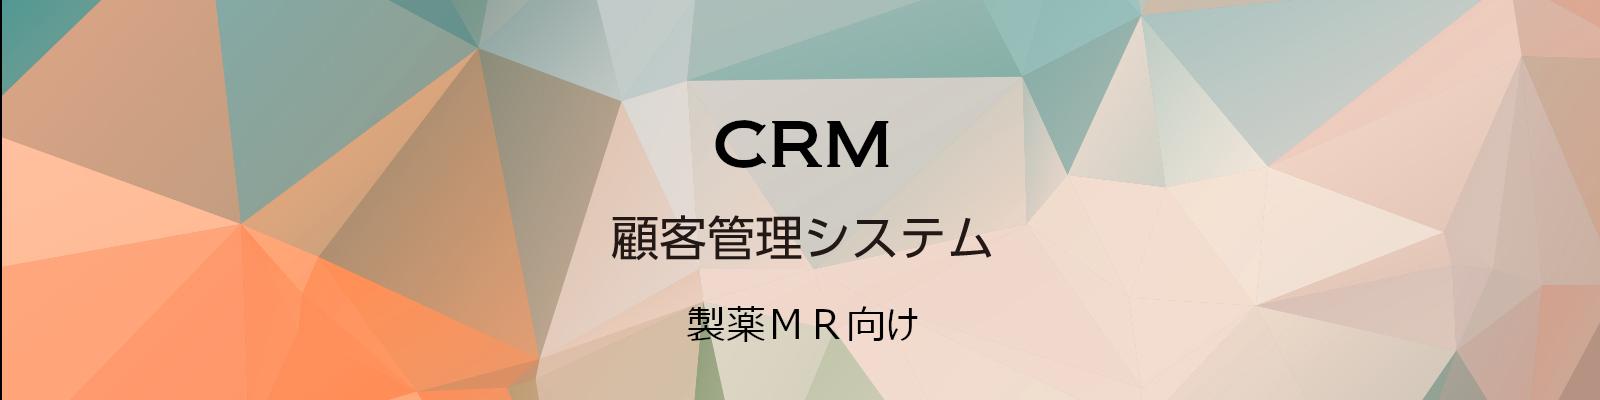 CRM -顧客管理システム-